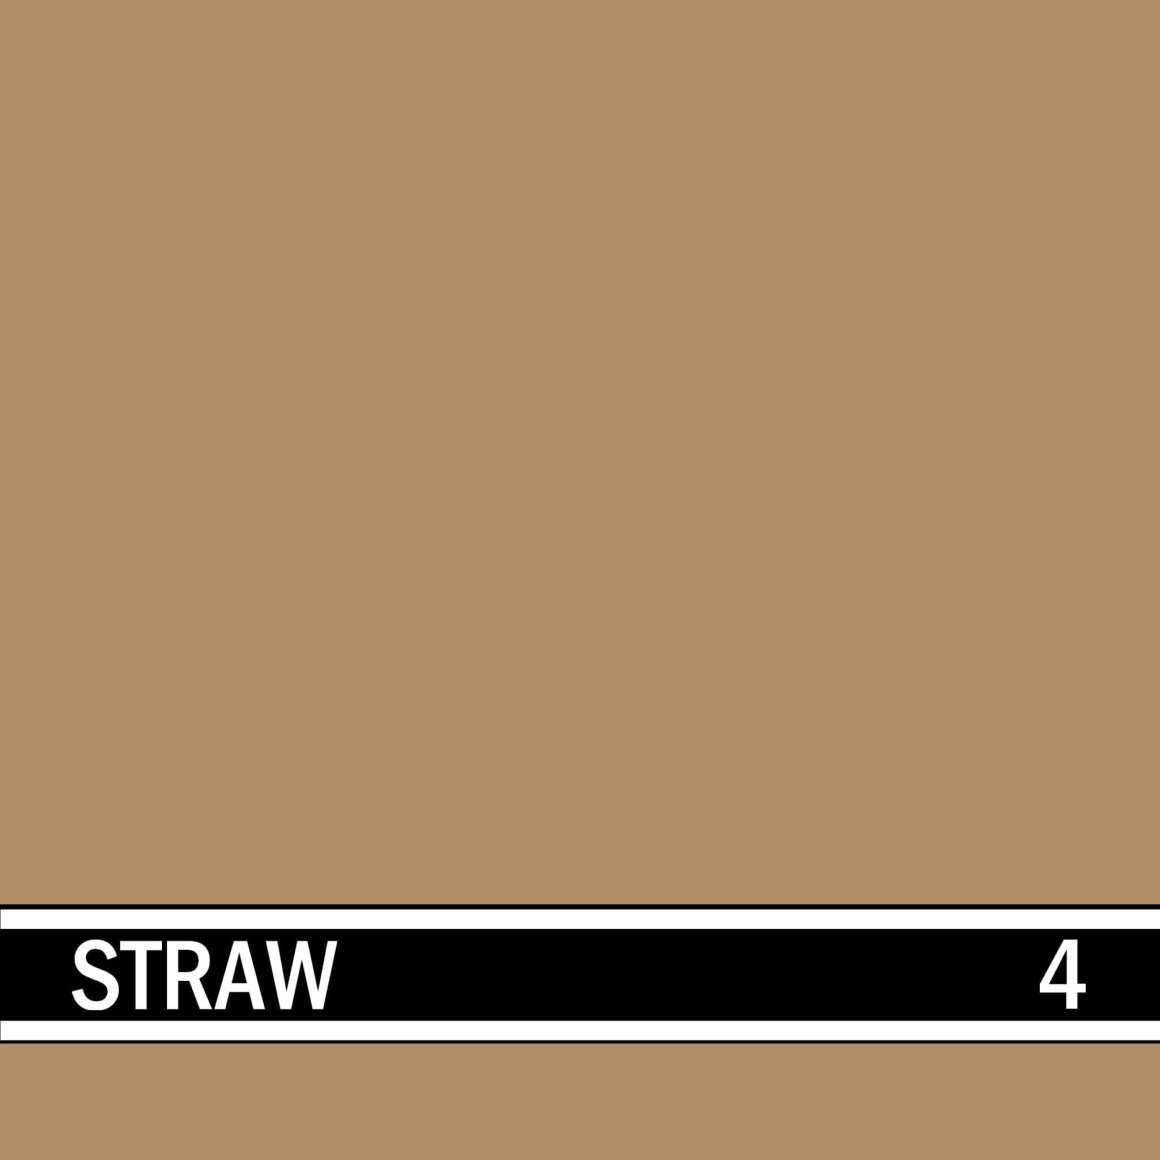 Straw integral concrete color for stamped concrete and decorative colored concrete